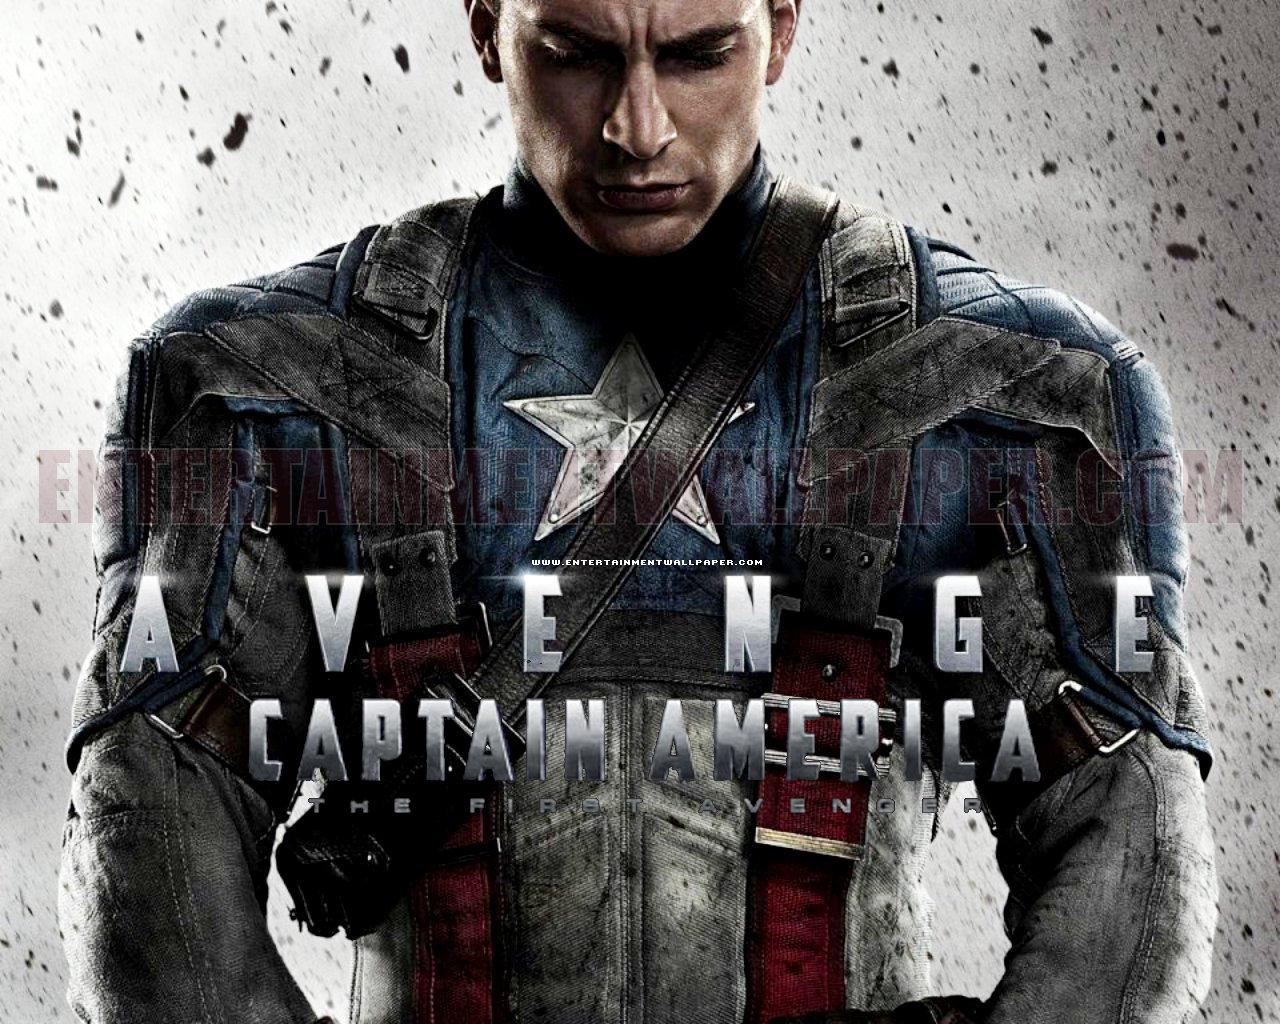 captain america first avenger - photo #12